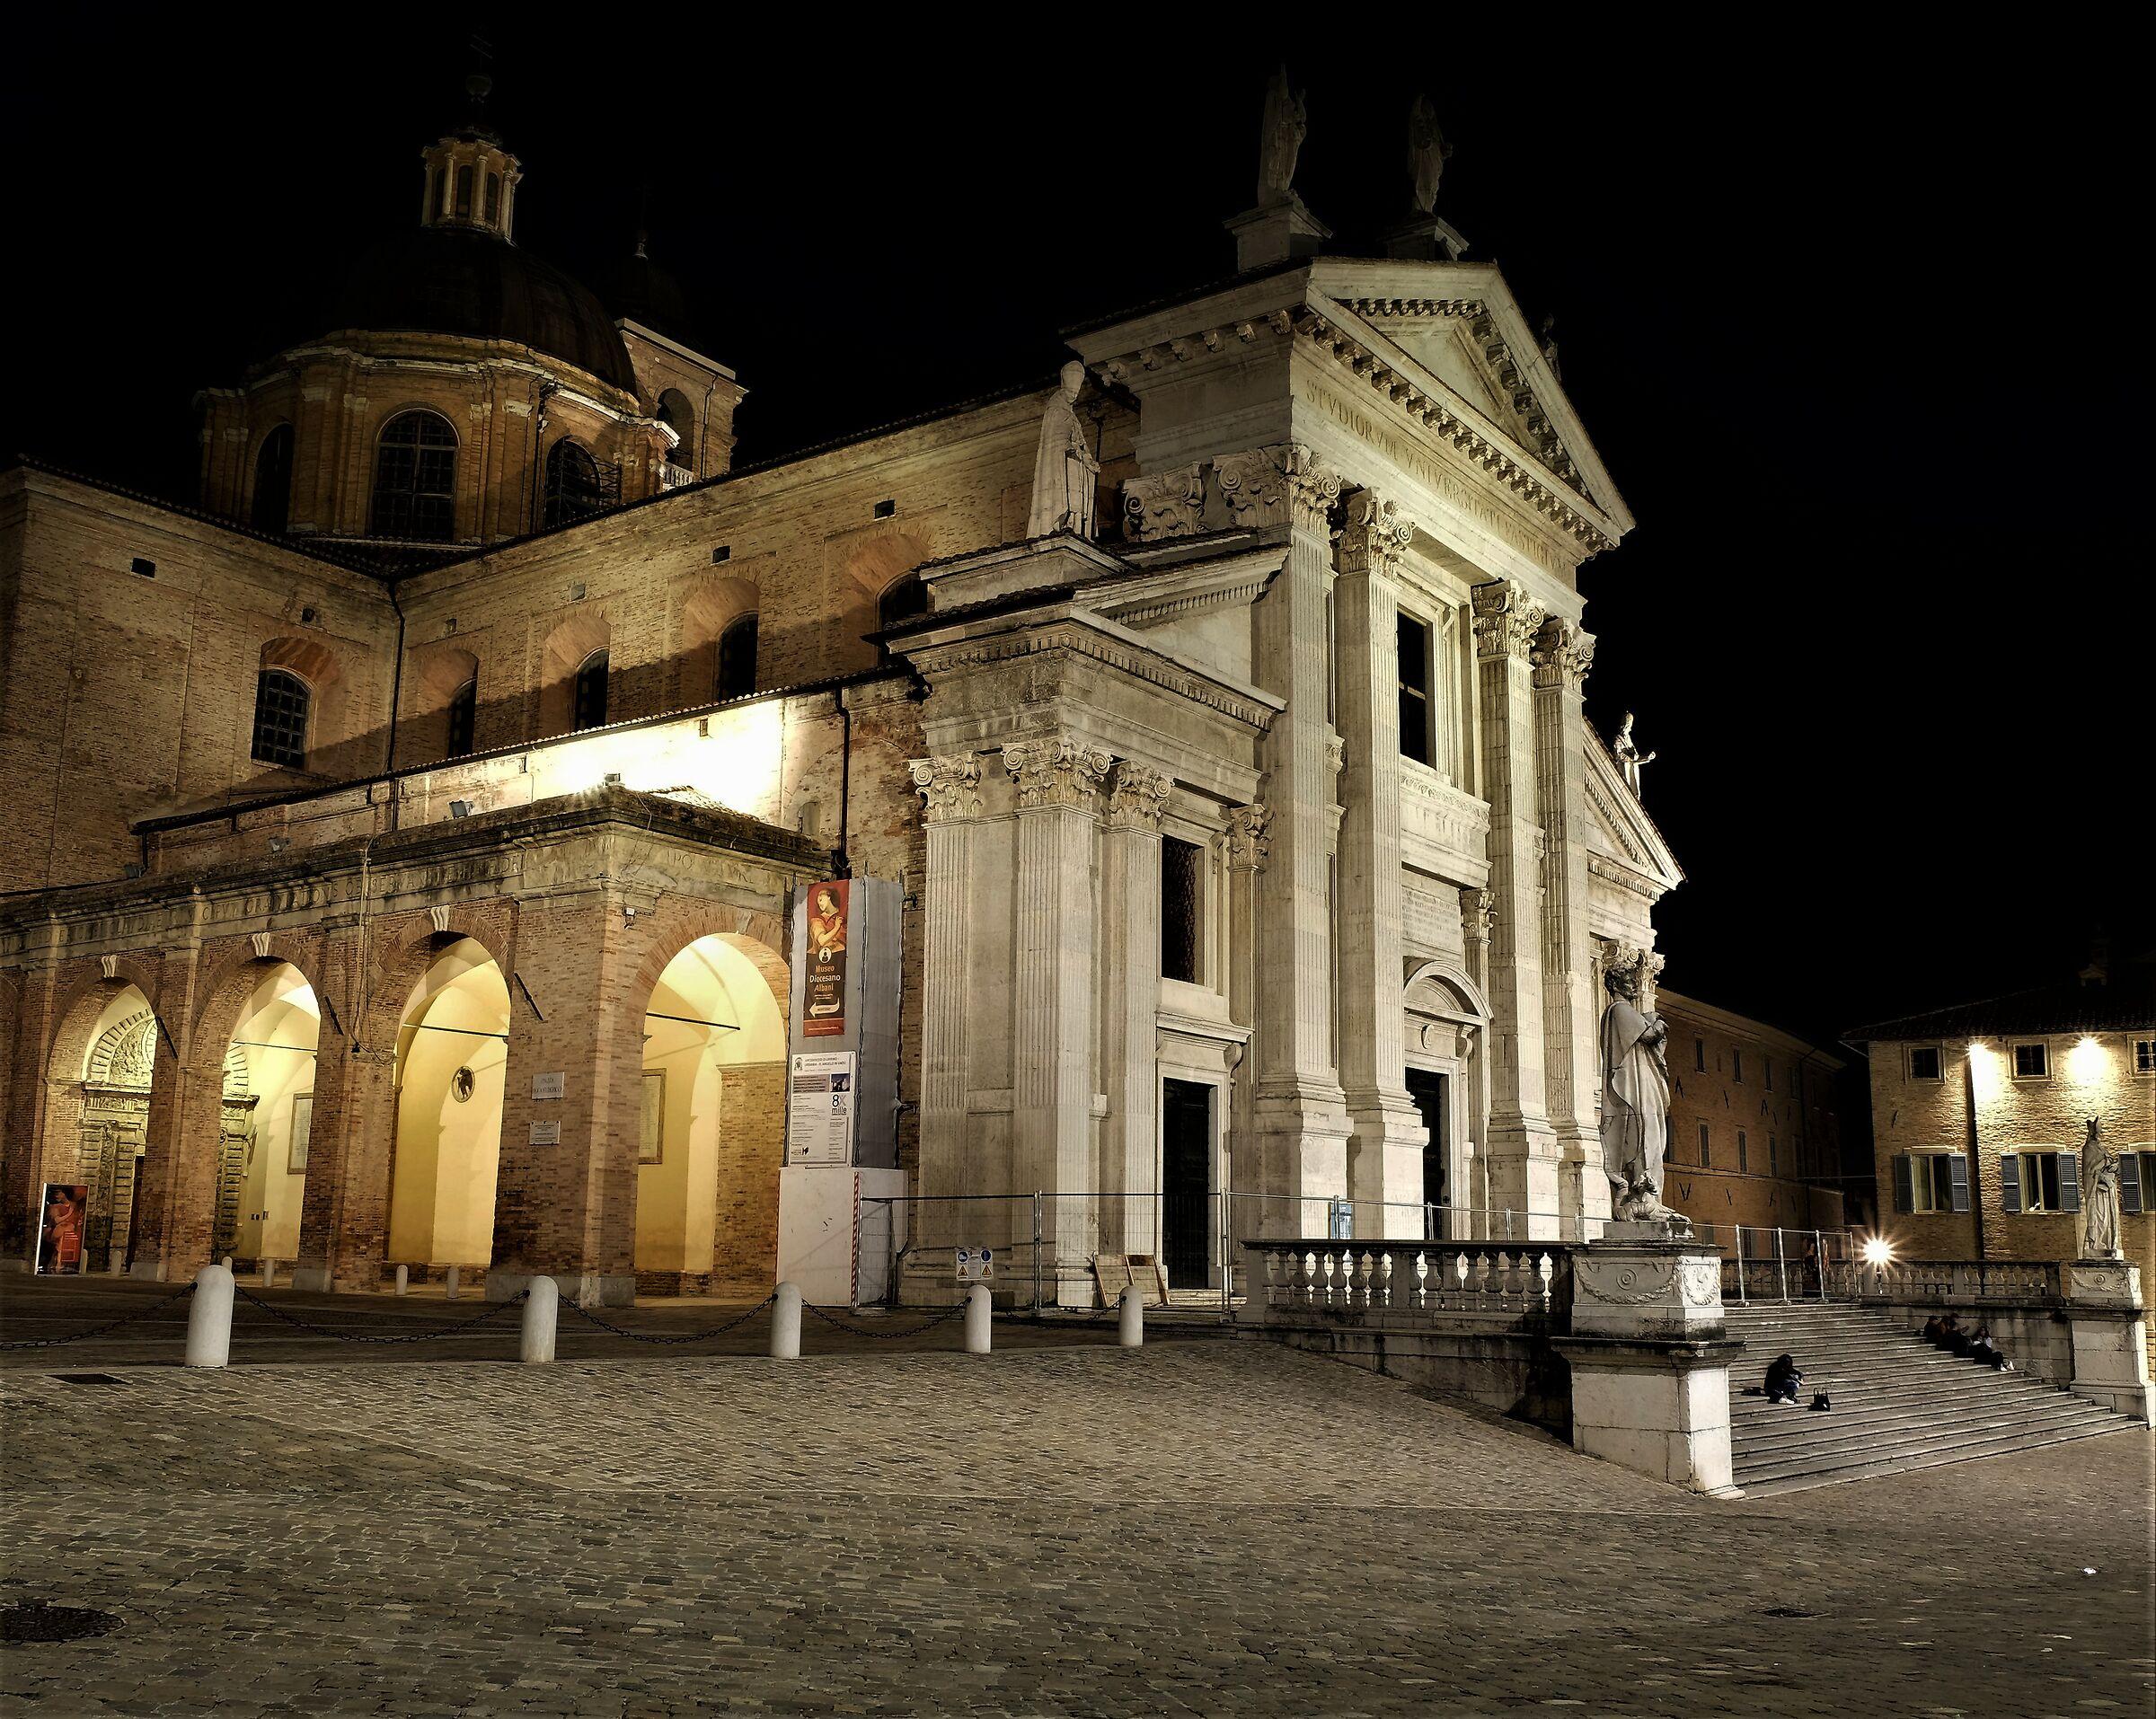 The Dome of Urbino...